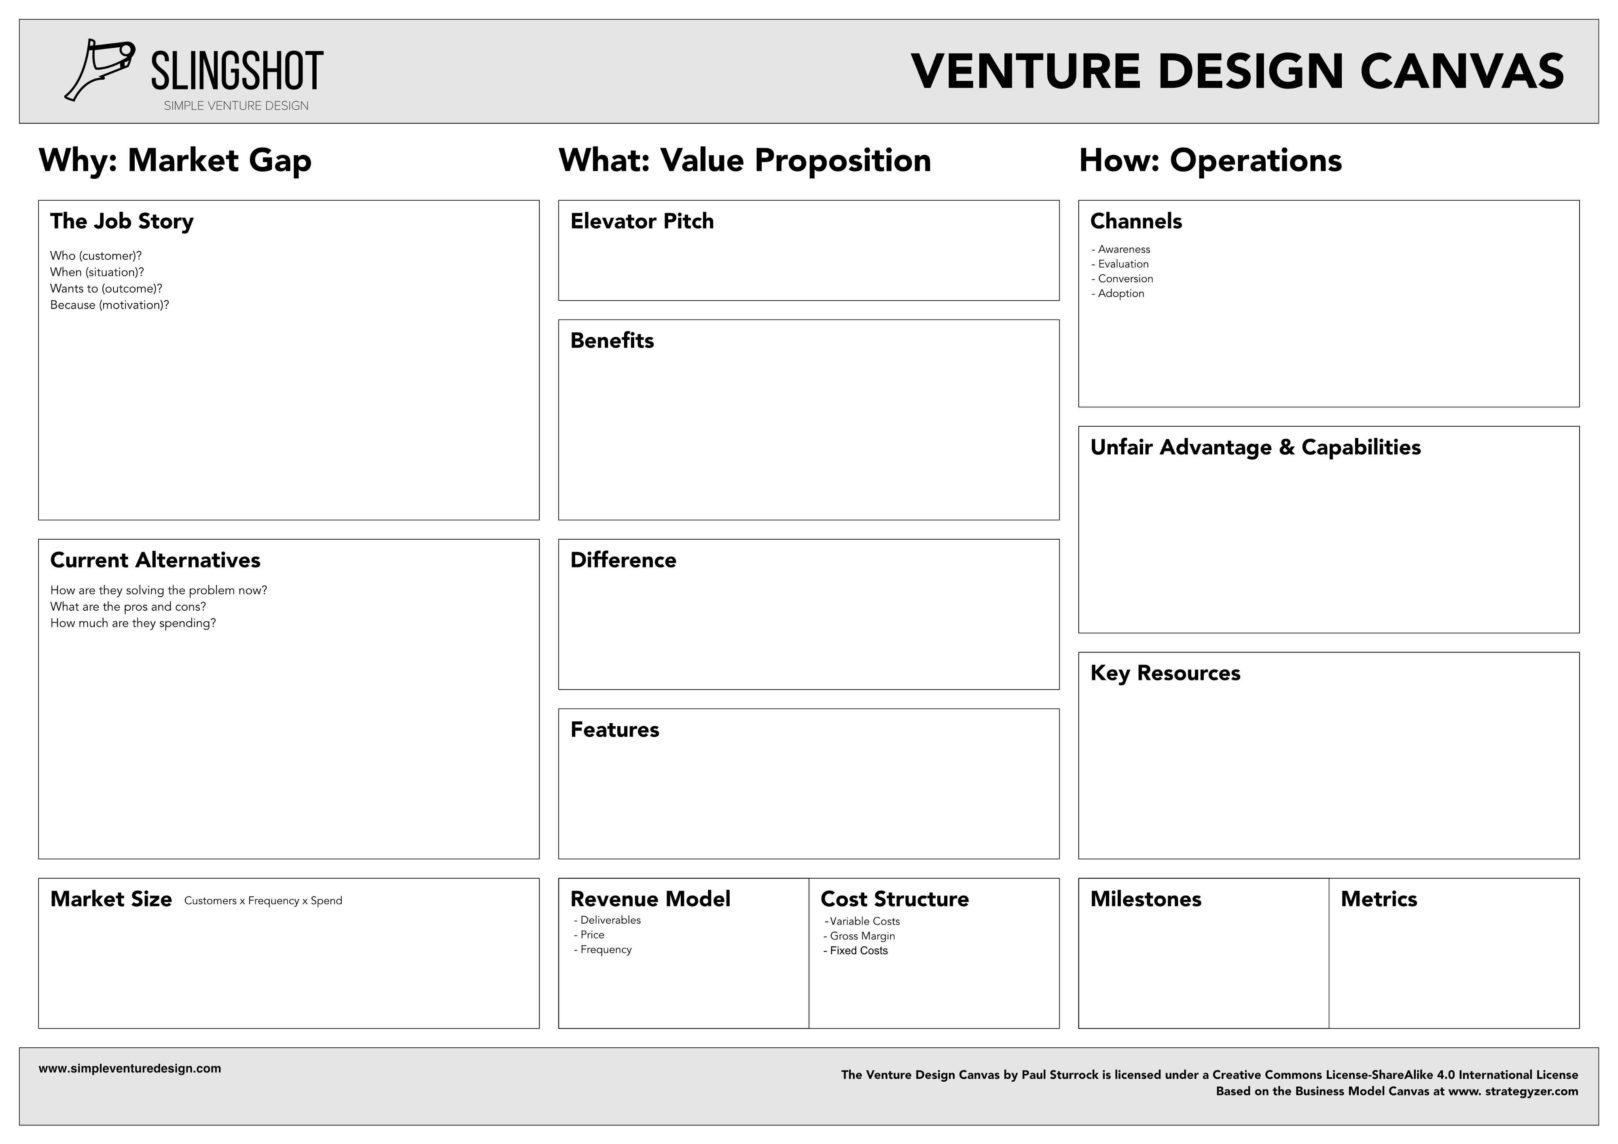 Venture Design Canvas